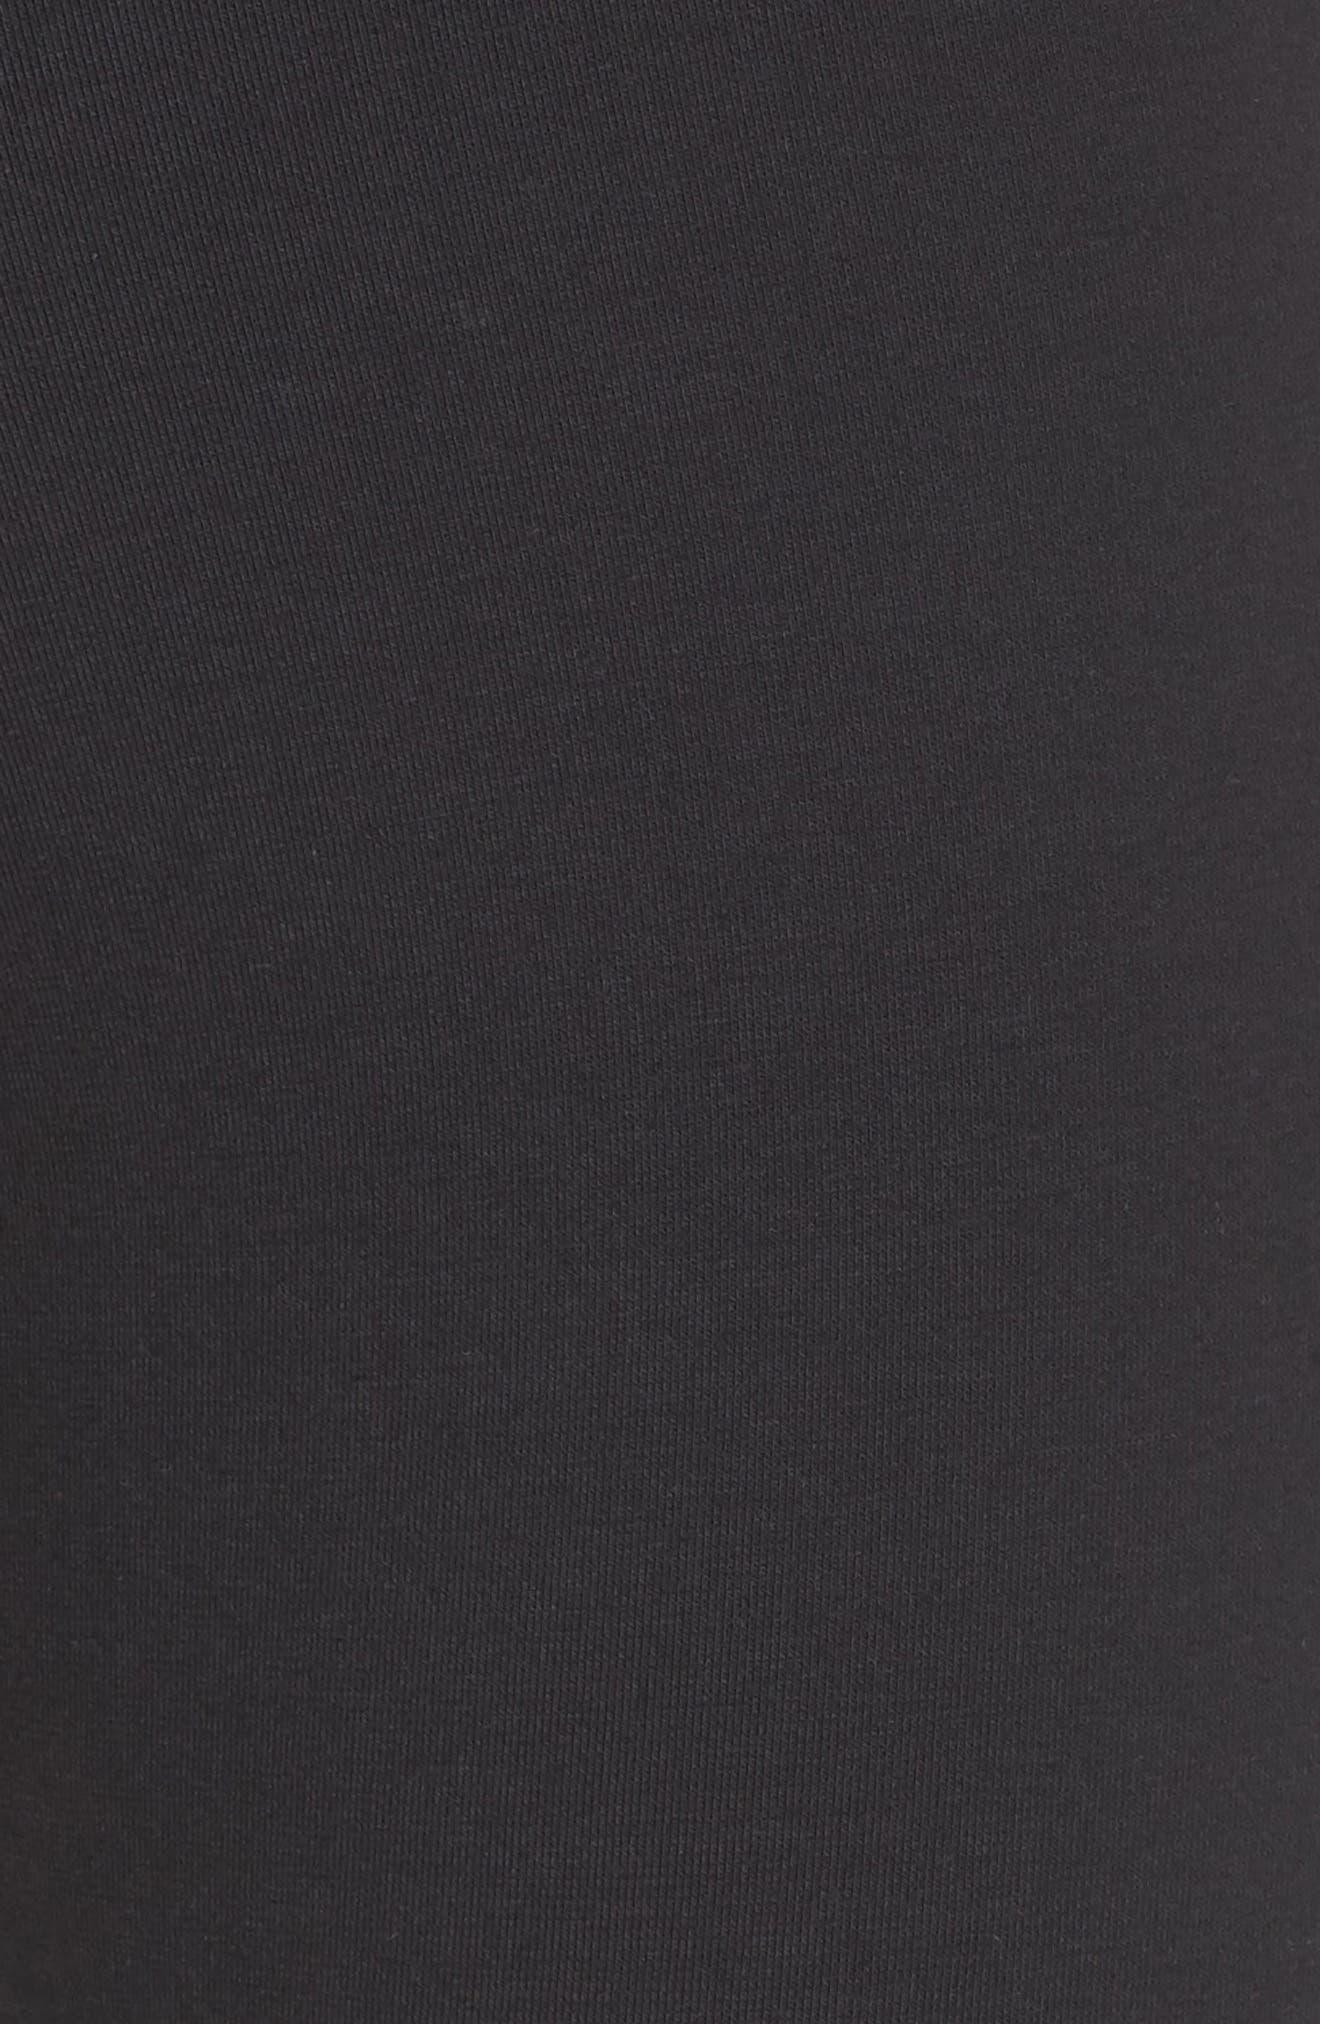 Starcrest Logo Leggings,                             Alternate thumbnail 5, color,                             BLACK